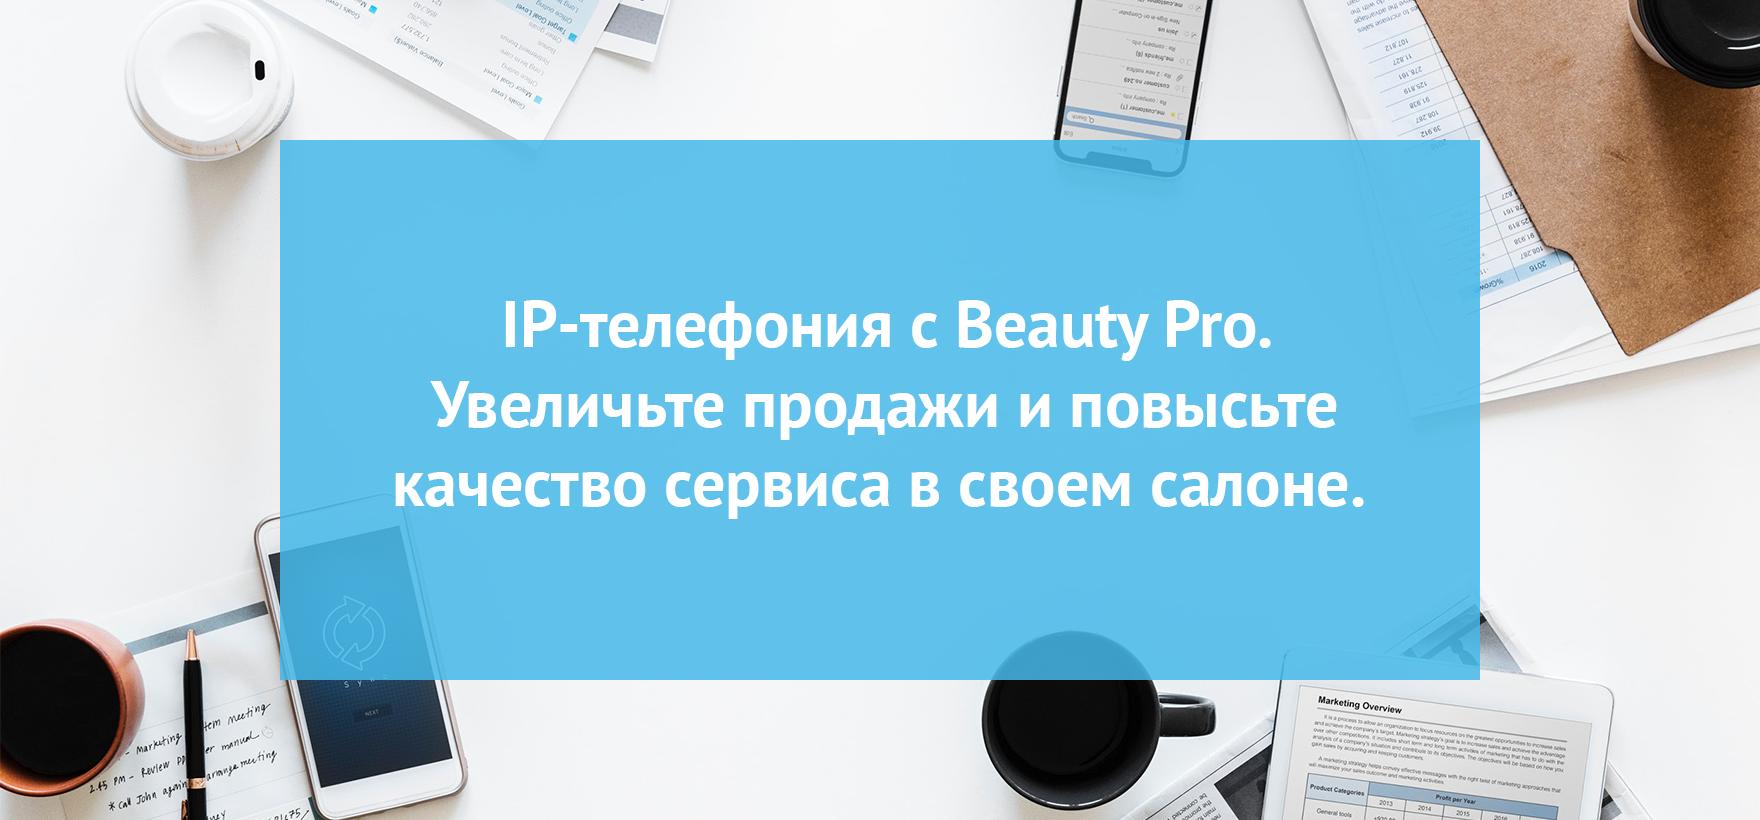 IP-телефония с Beauty Pro. Увеличьте продажи и повысьте качество сервиса в своем салоне